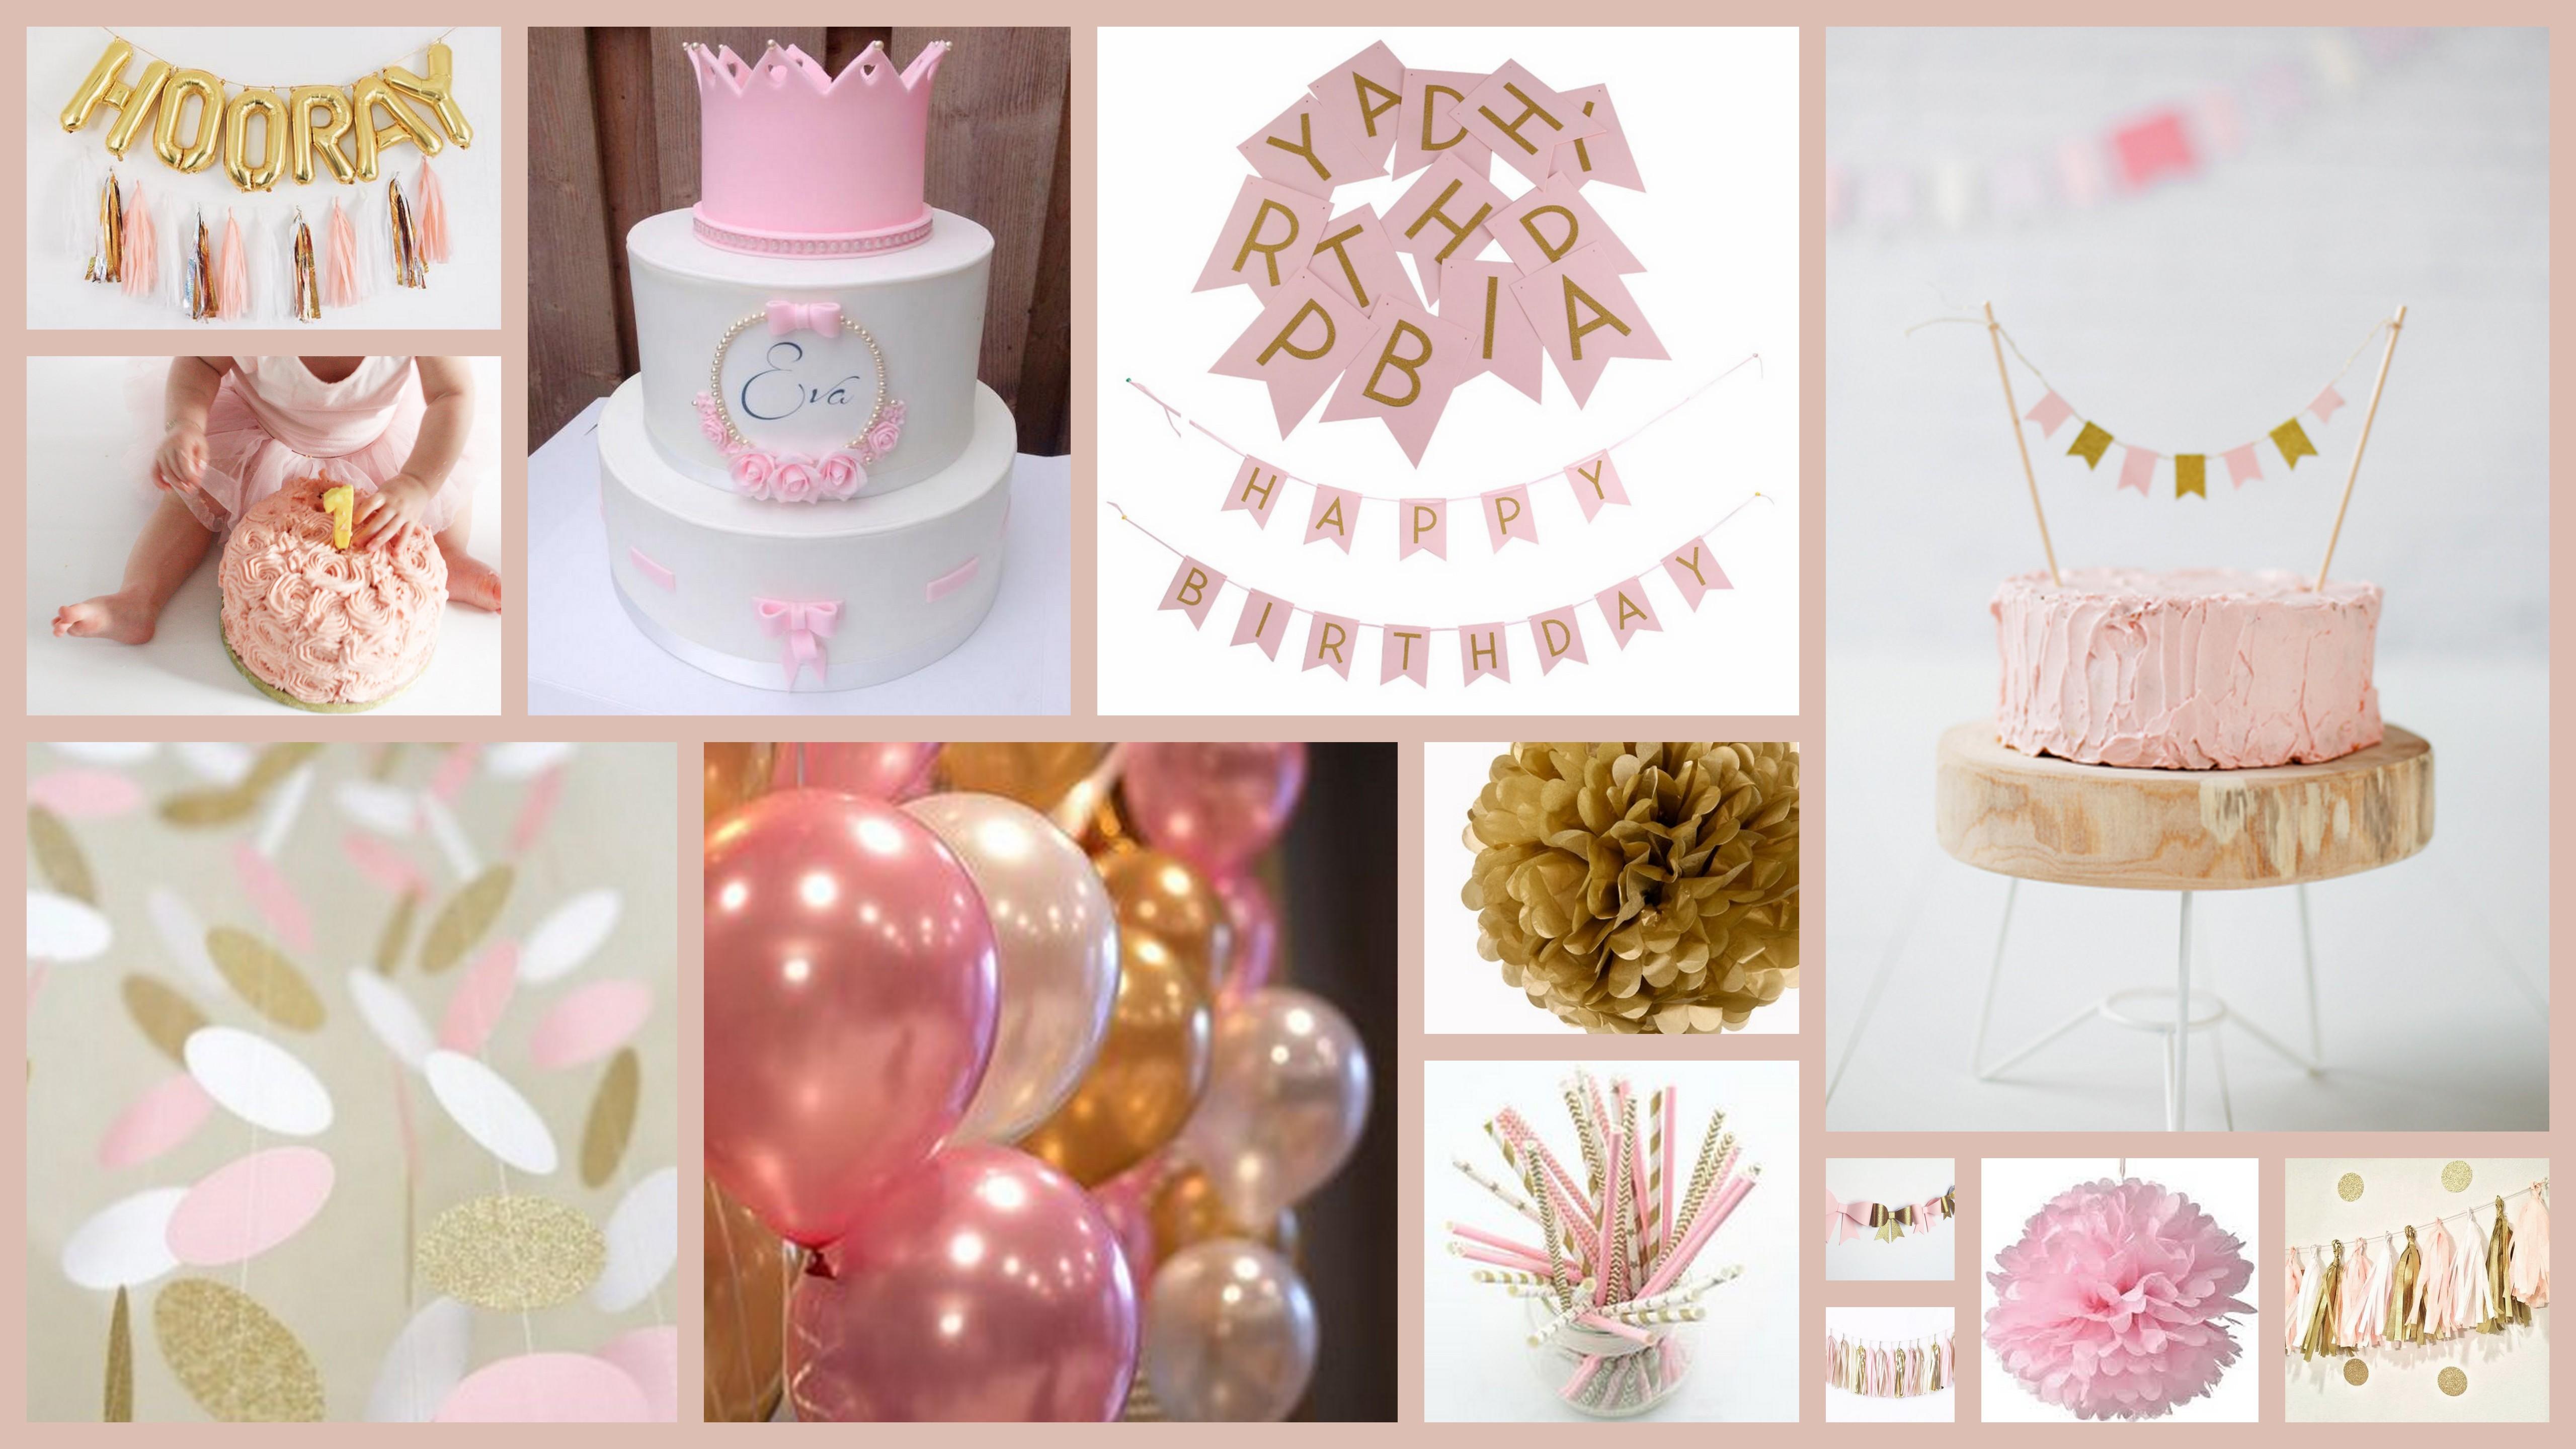 De eerste verjaardag het thema inspiratie en meer for Decoratie verjaardag